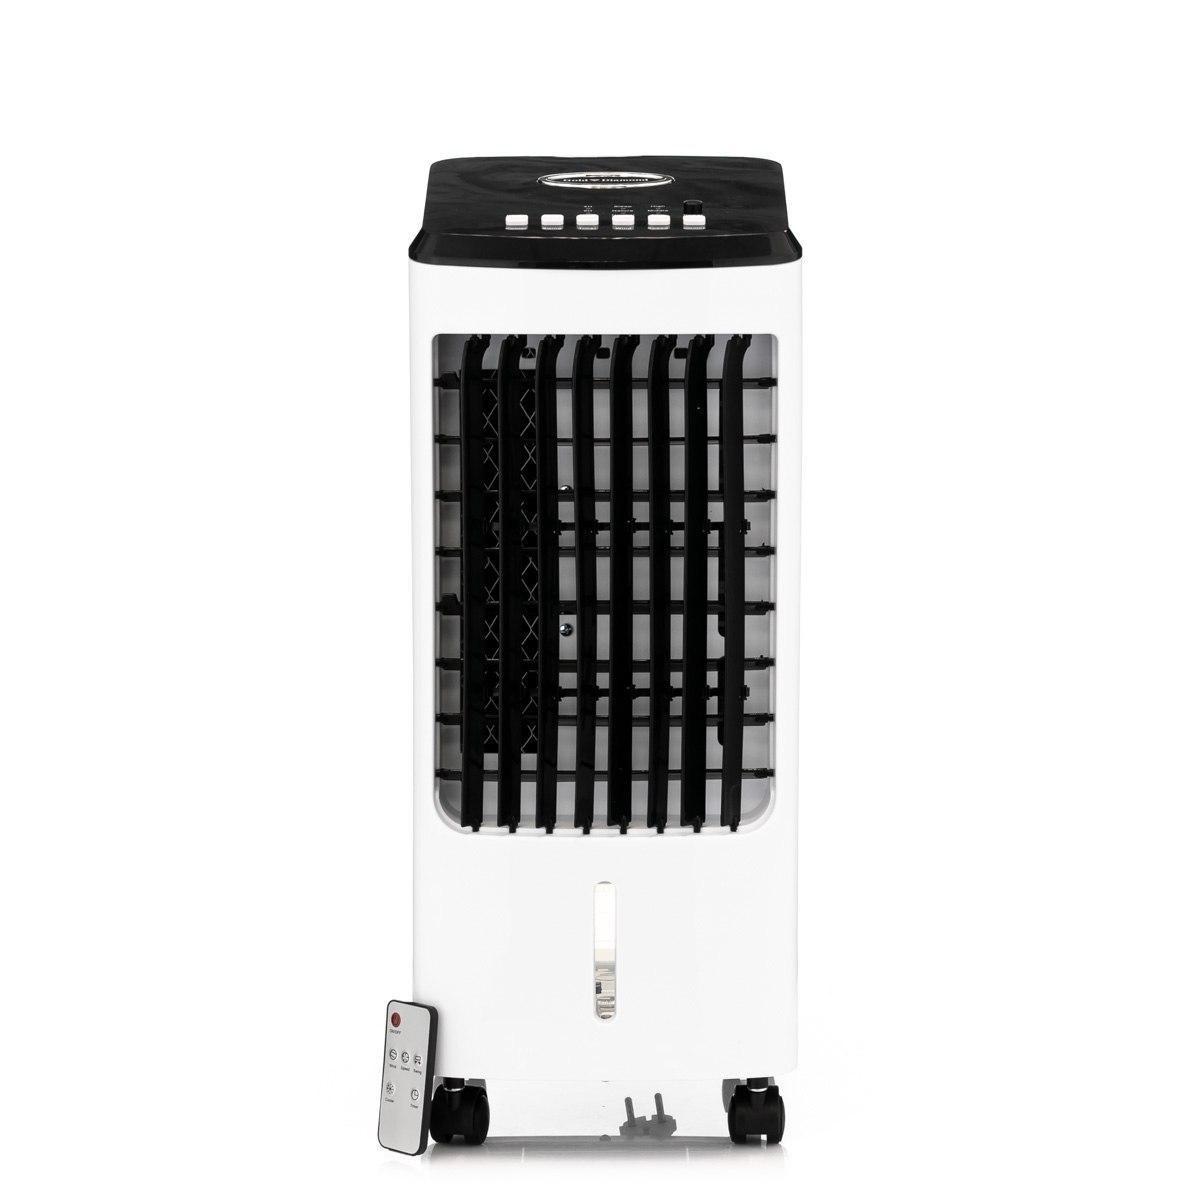 Портативний водяний охолоджувач повітря випарного типу Gold Diamond з пультом ДУ, мобільні кондиціонери